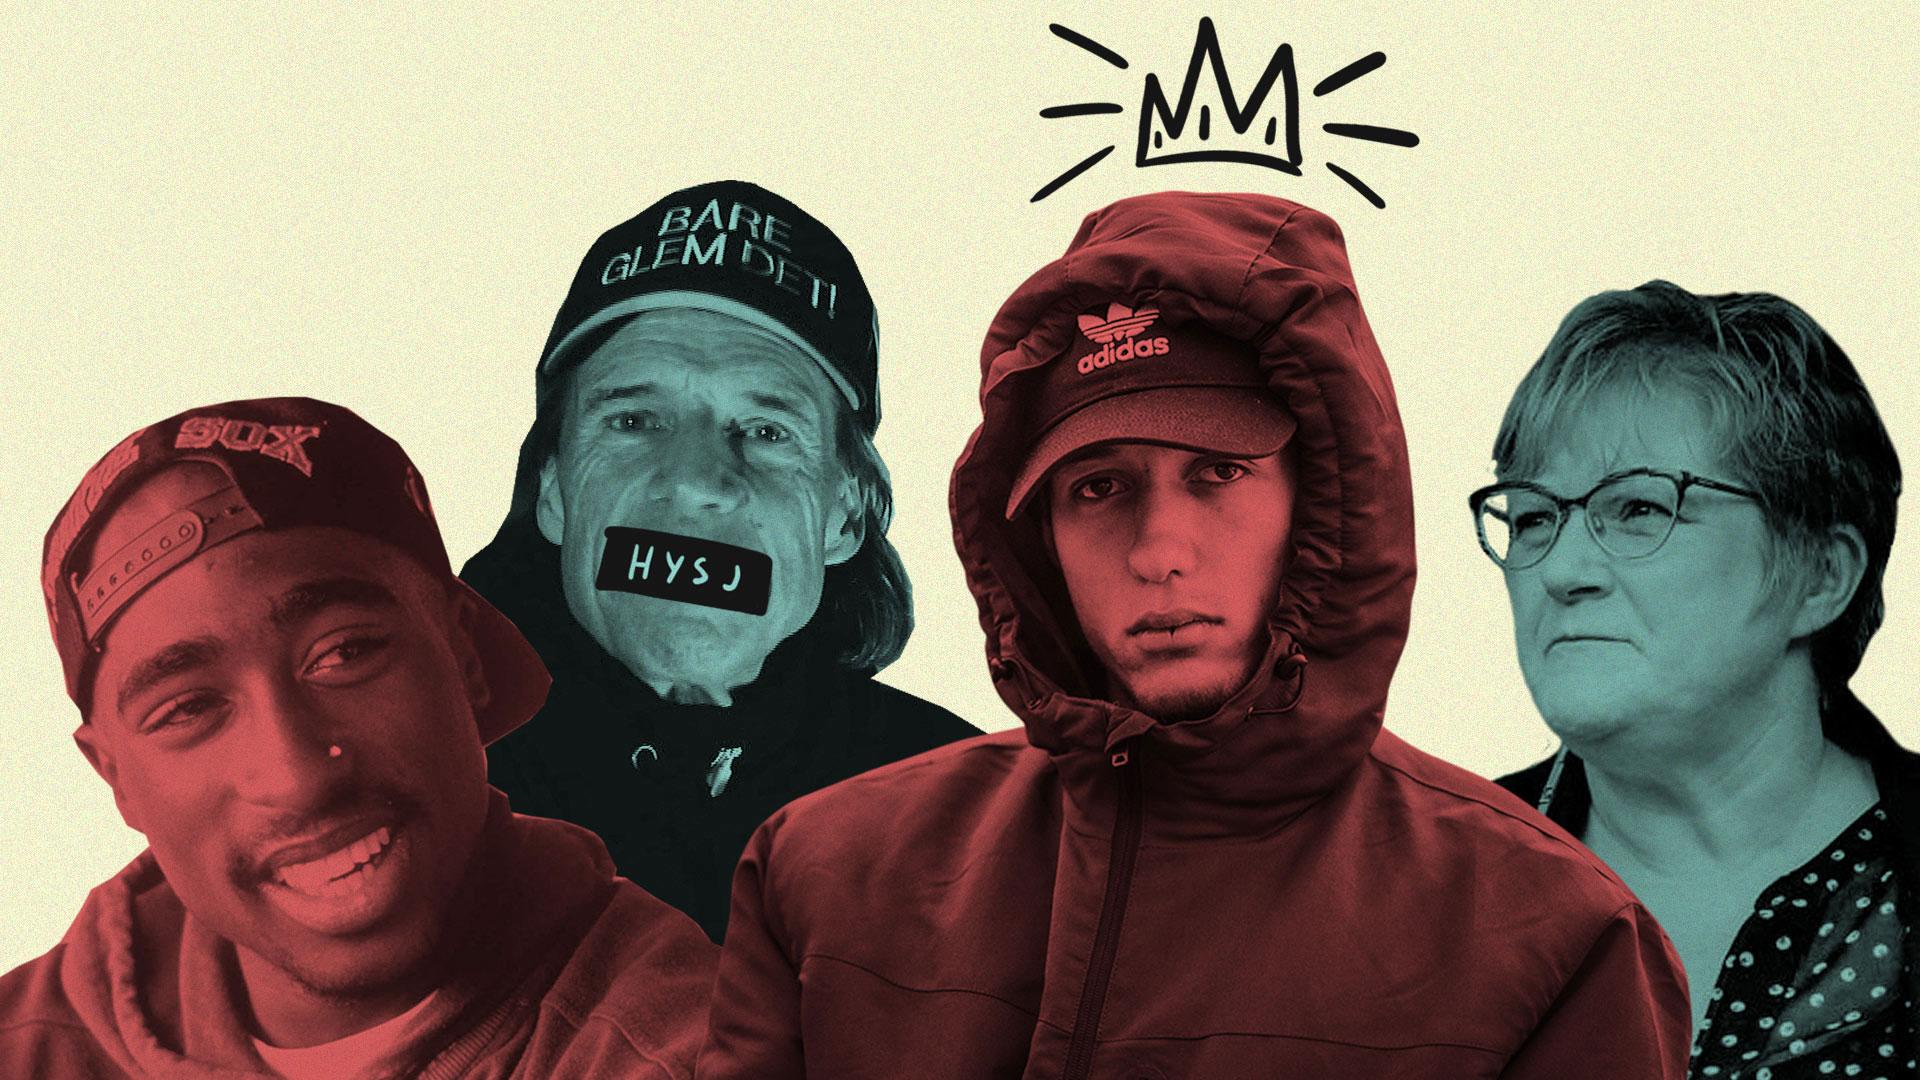 Fører gangster-rap til kriminalitet?